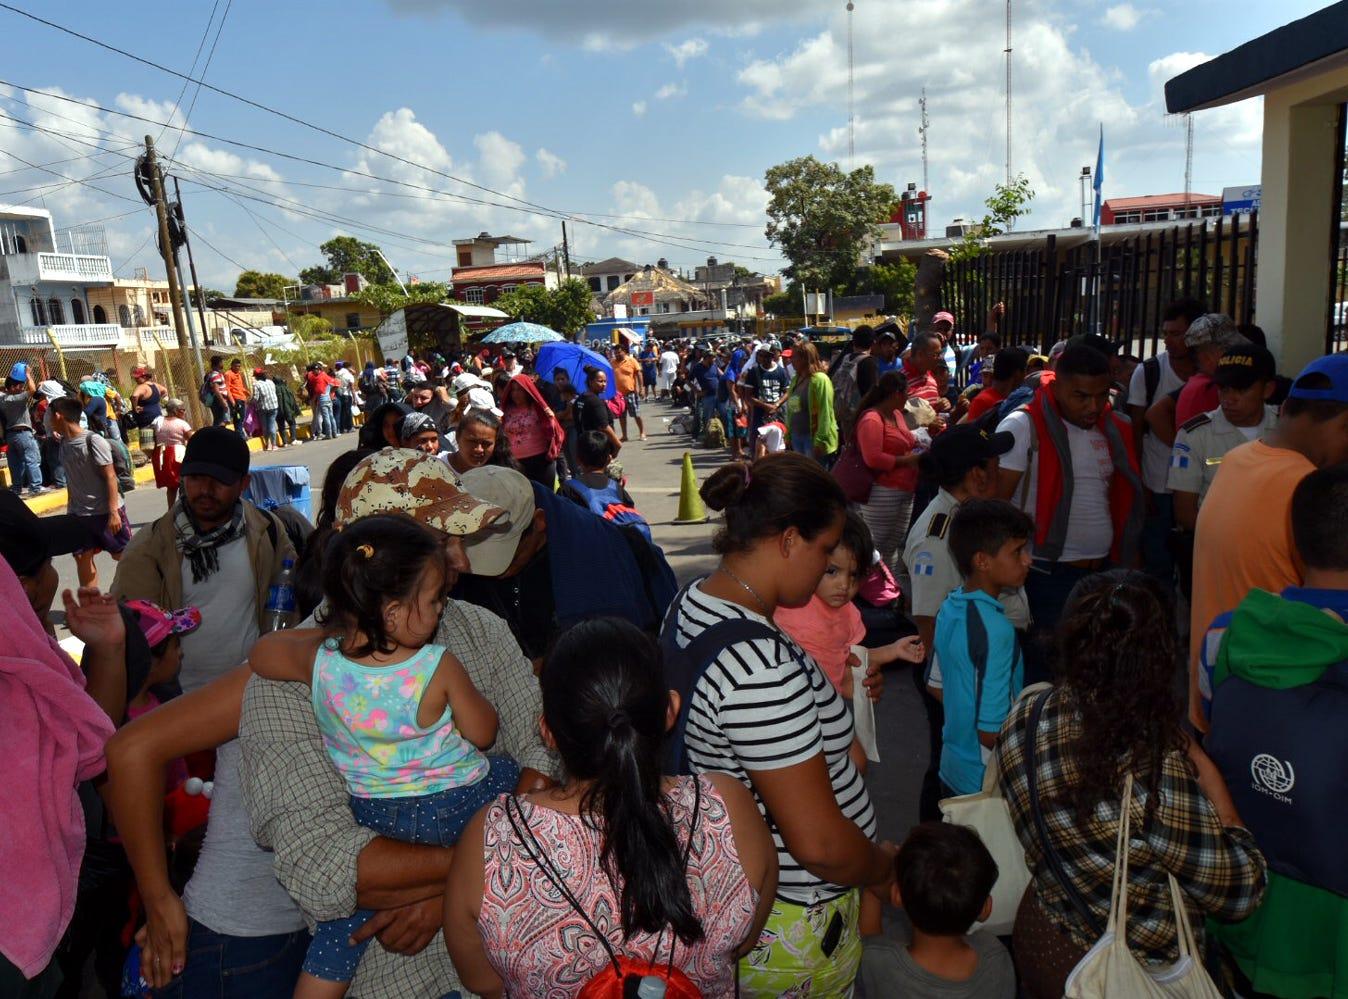 El INM detalló que se han registrado en la frontera sur a 969 adultos y 145 menores de edad del nuevo éxodo centroamericano.